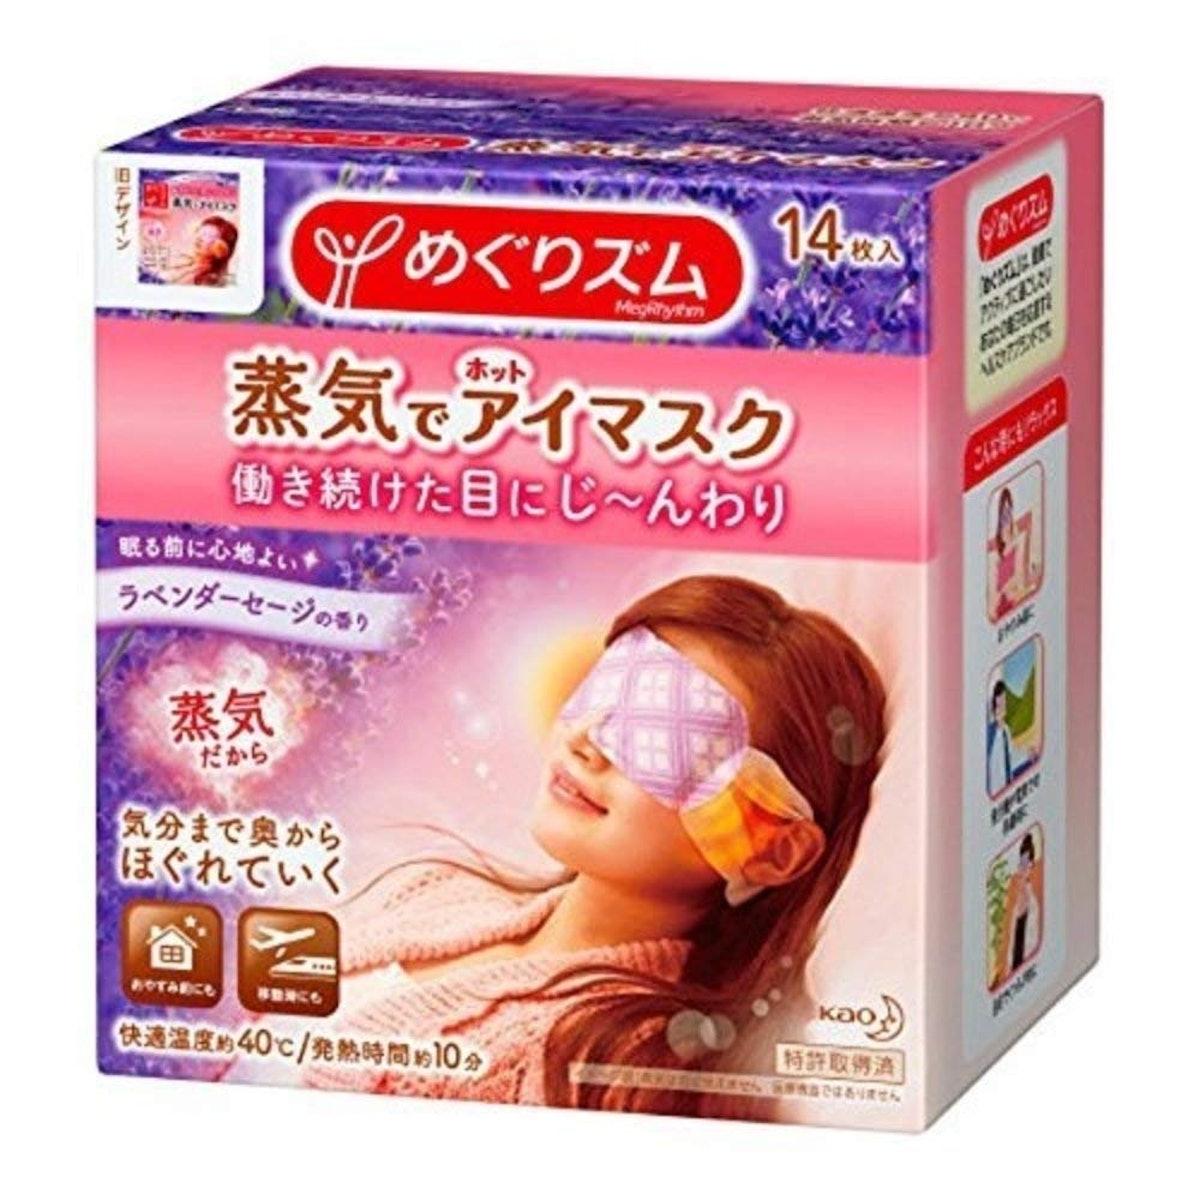 Kao Steam Eye Mask (14-Pack)